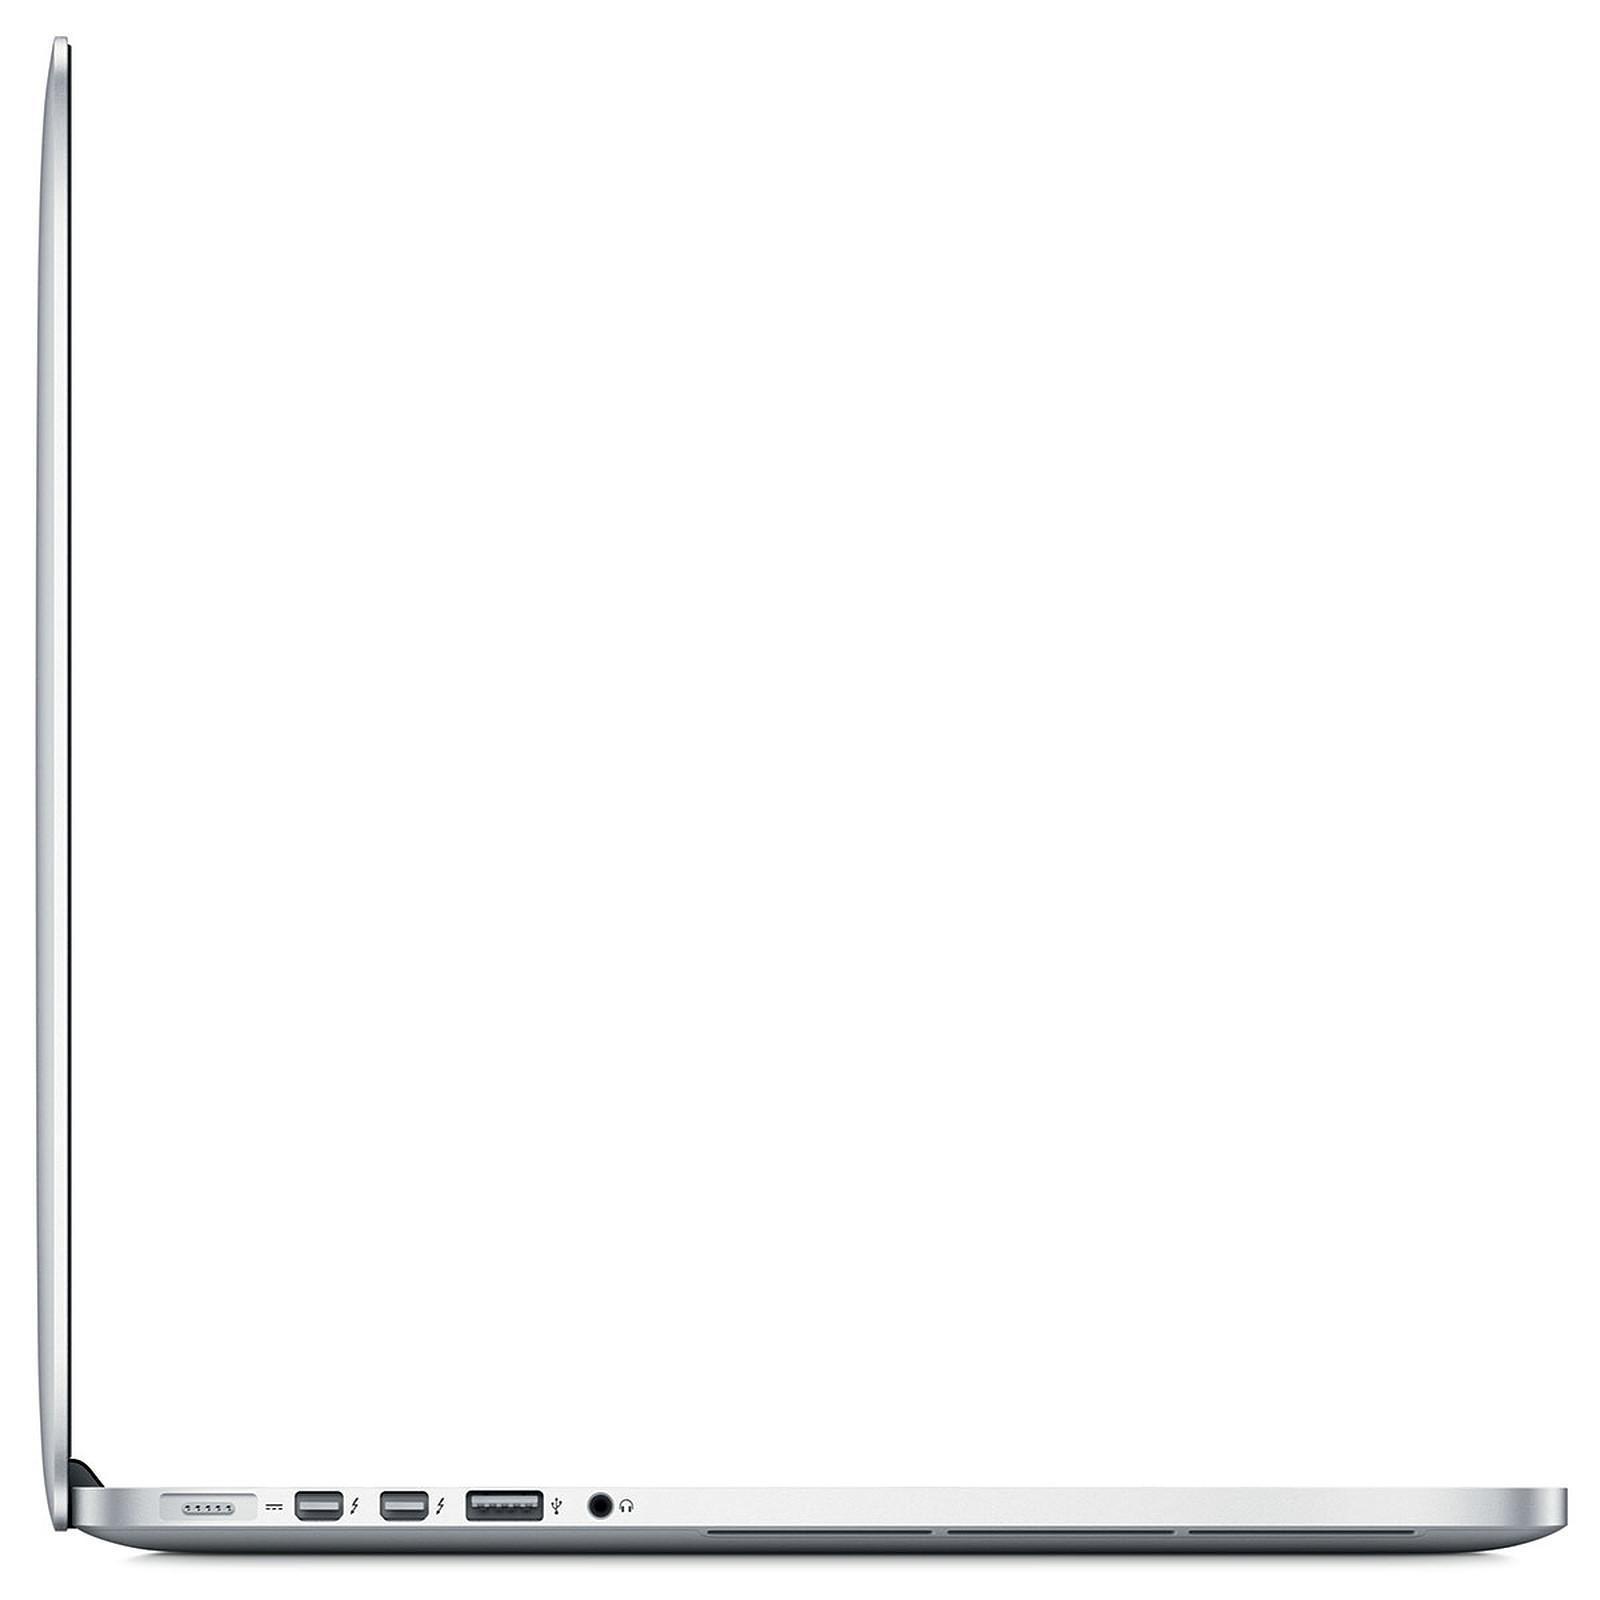 MacBook Pro Retina 15,4-tum (2012) - Core i7 - 16GB - SSD 128 GB QWERTY - Italienska